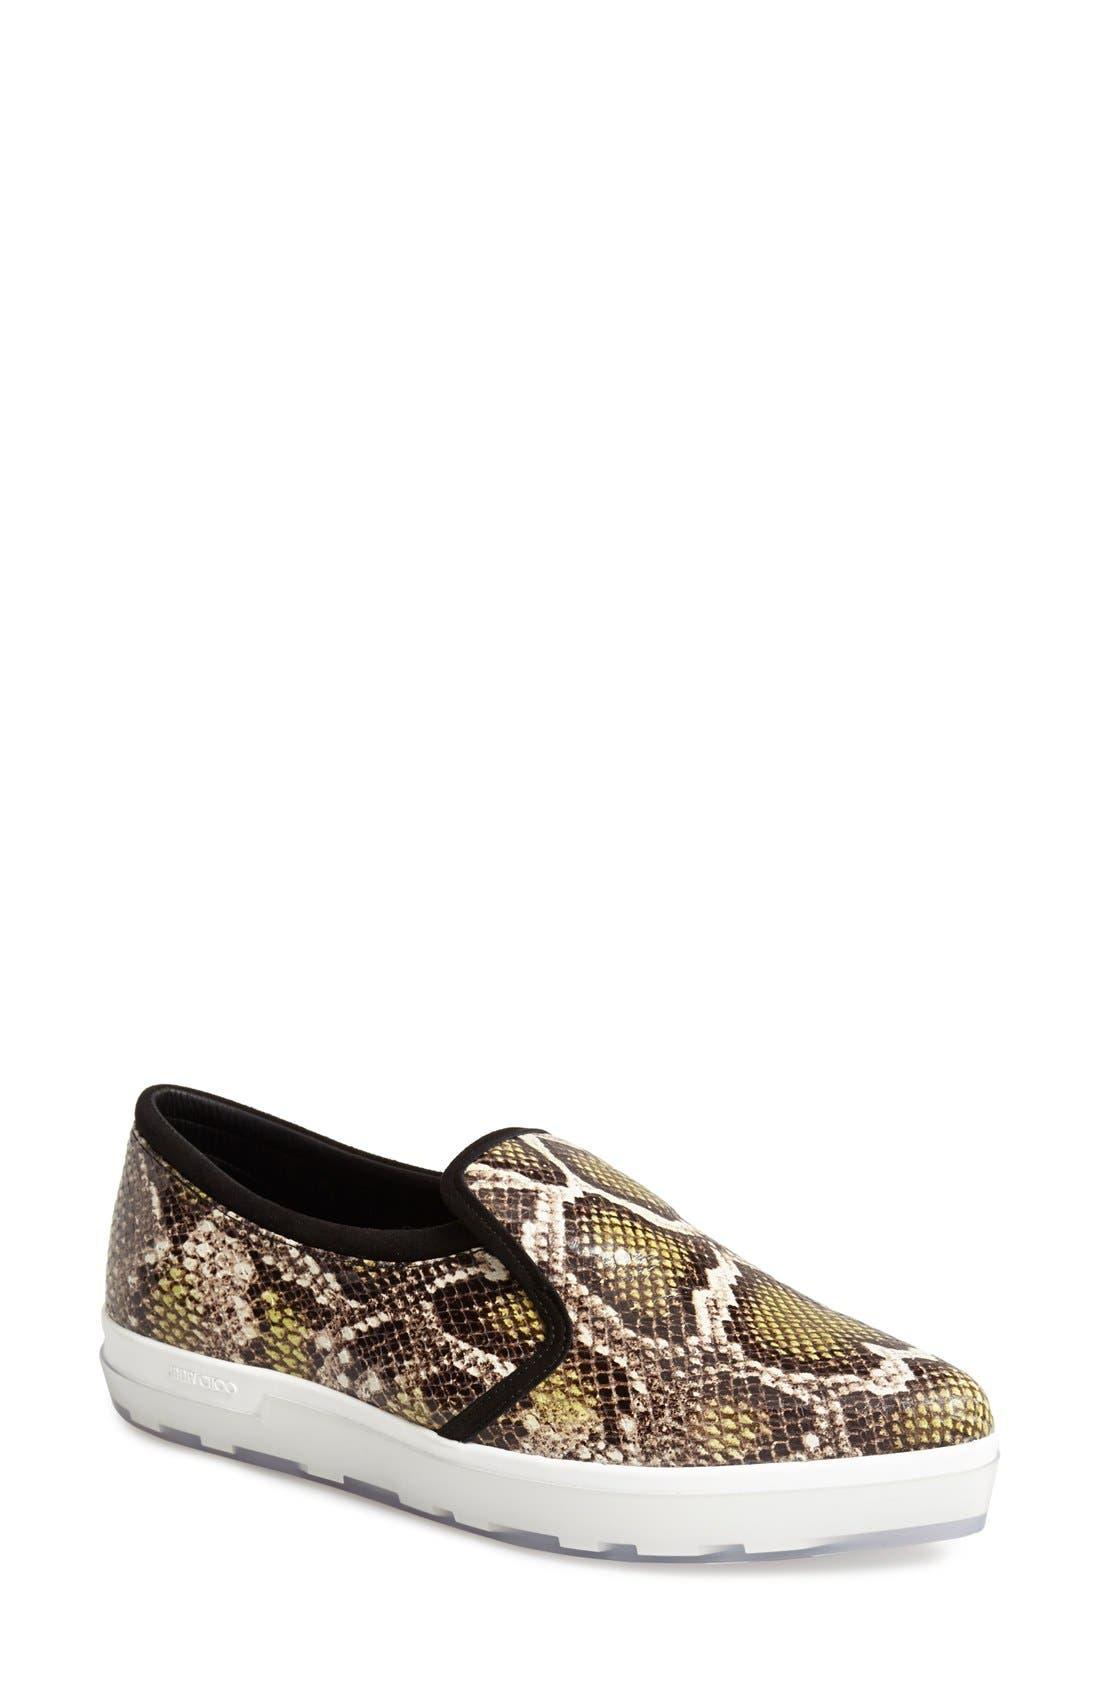 Main Image - Jimmy Choo 'Brooklyn' Slip-On Sneaker (Women)